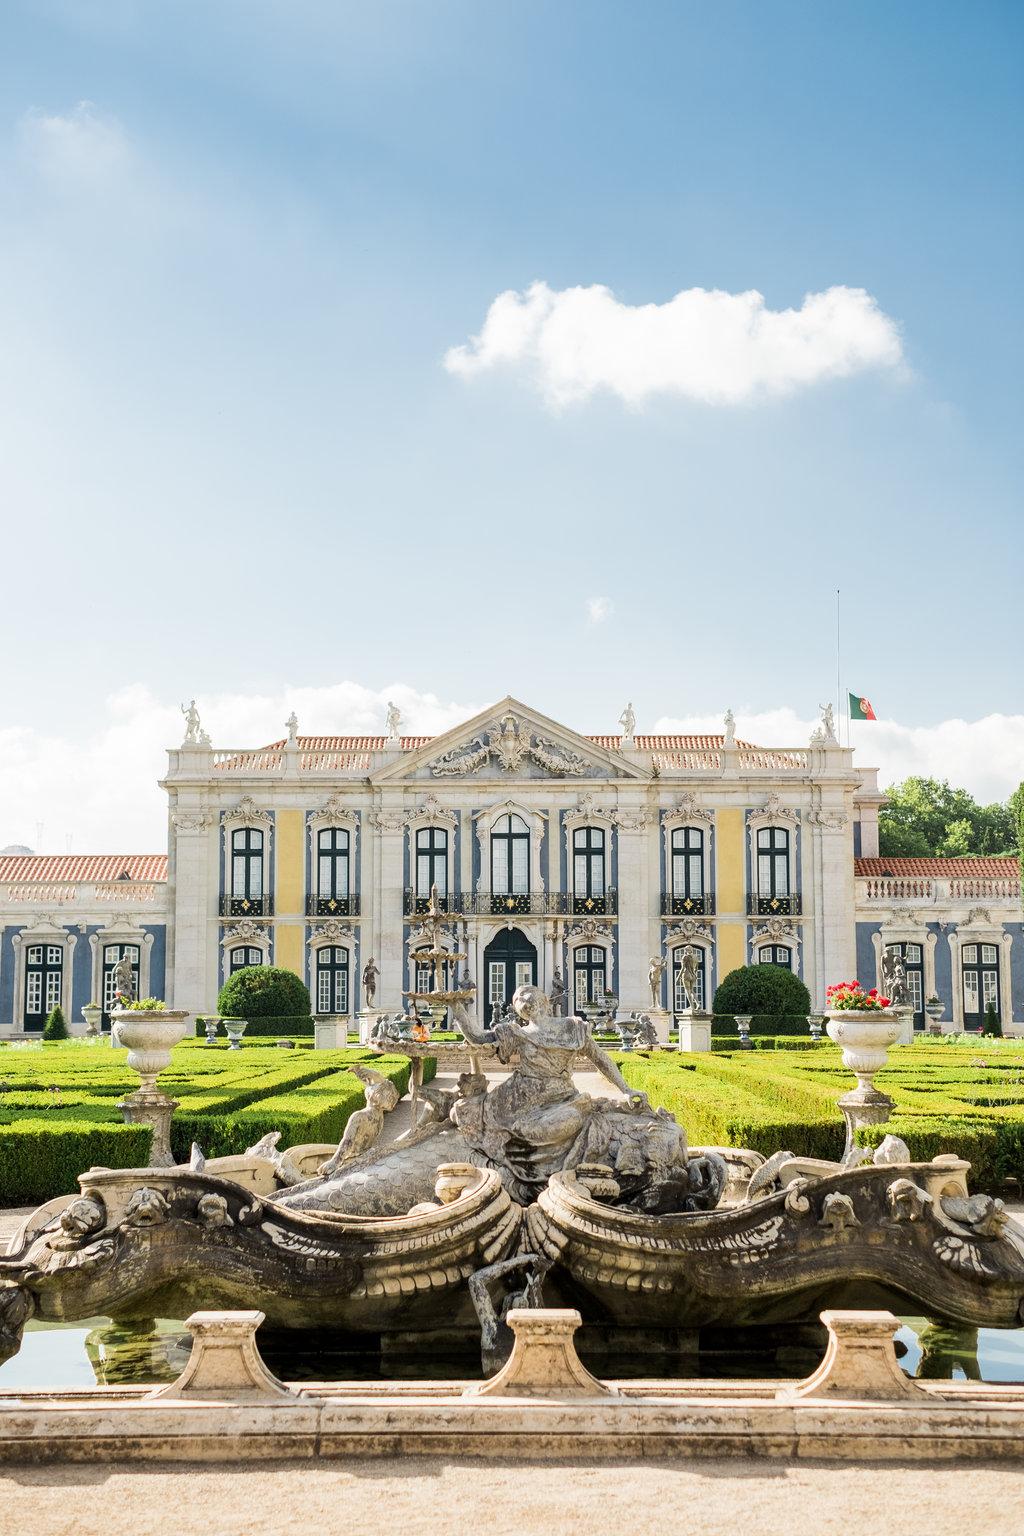 Queluz Palace in Sintra